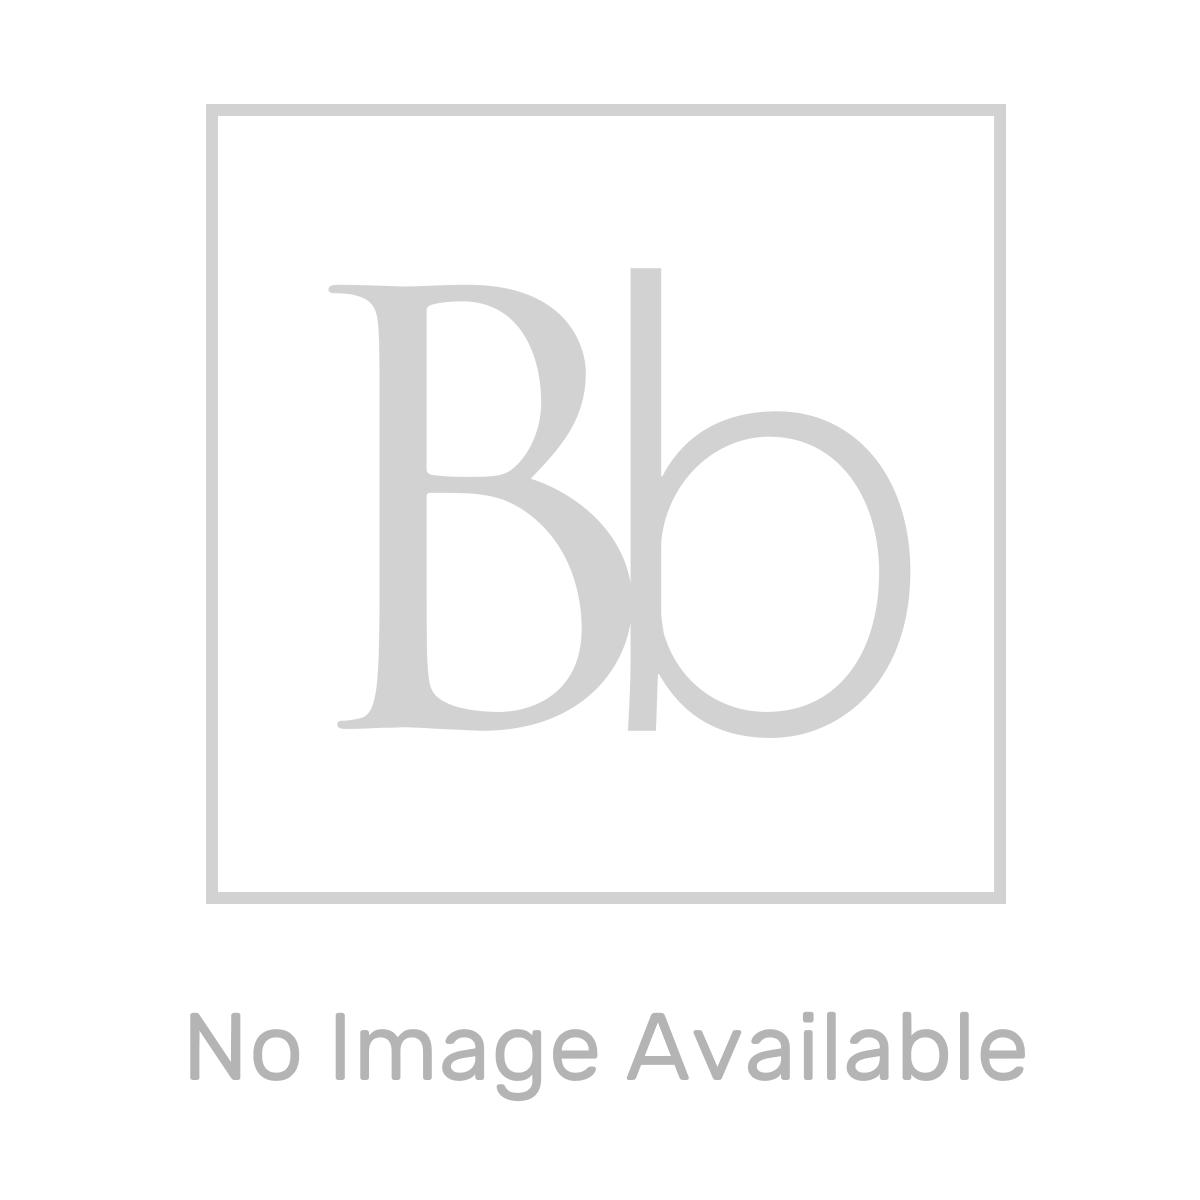 RAK Surface Cool Grey Matt Tile 750 x 750mm